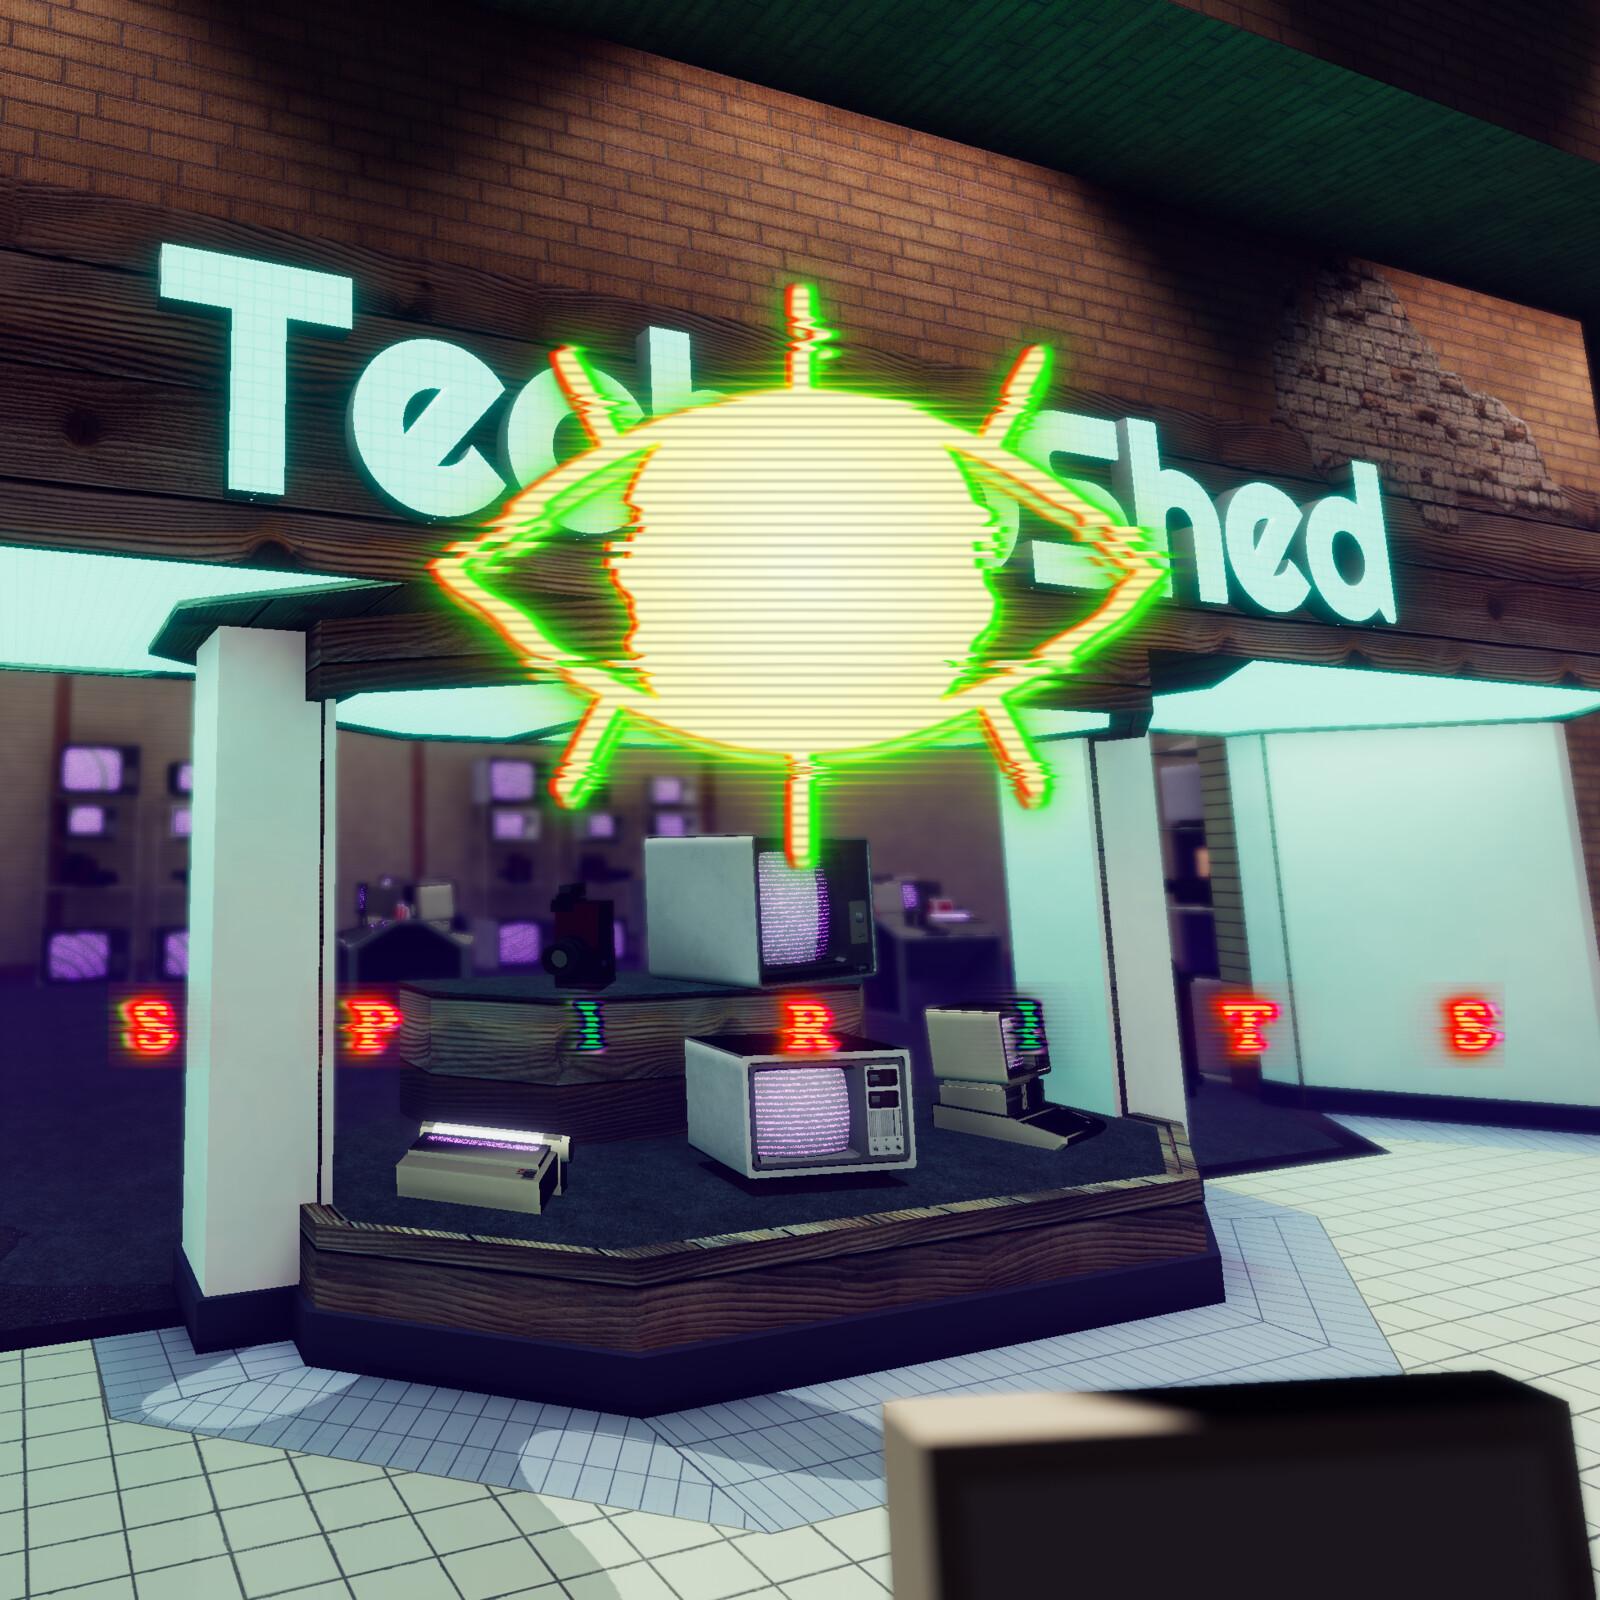 Spirits: TechnoShed